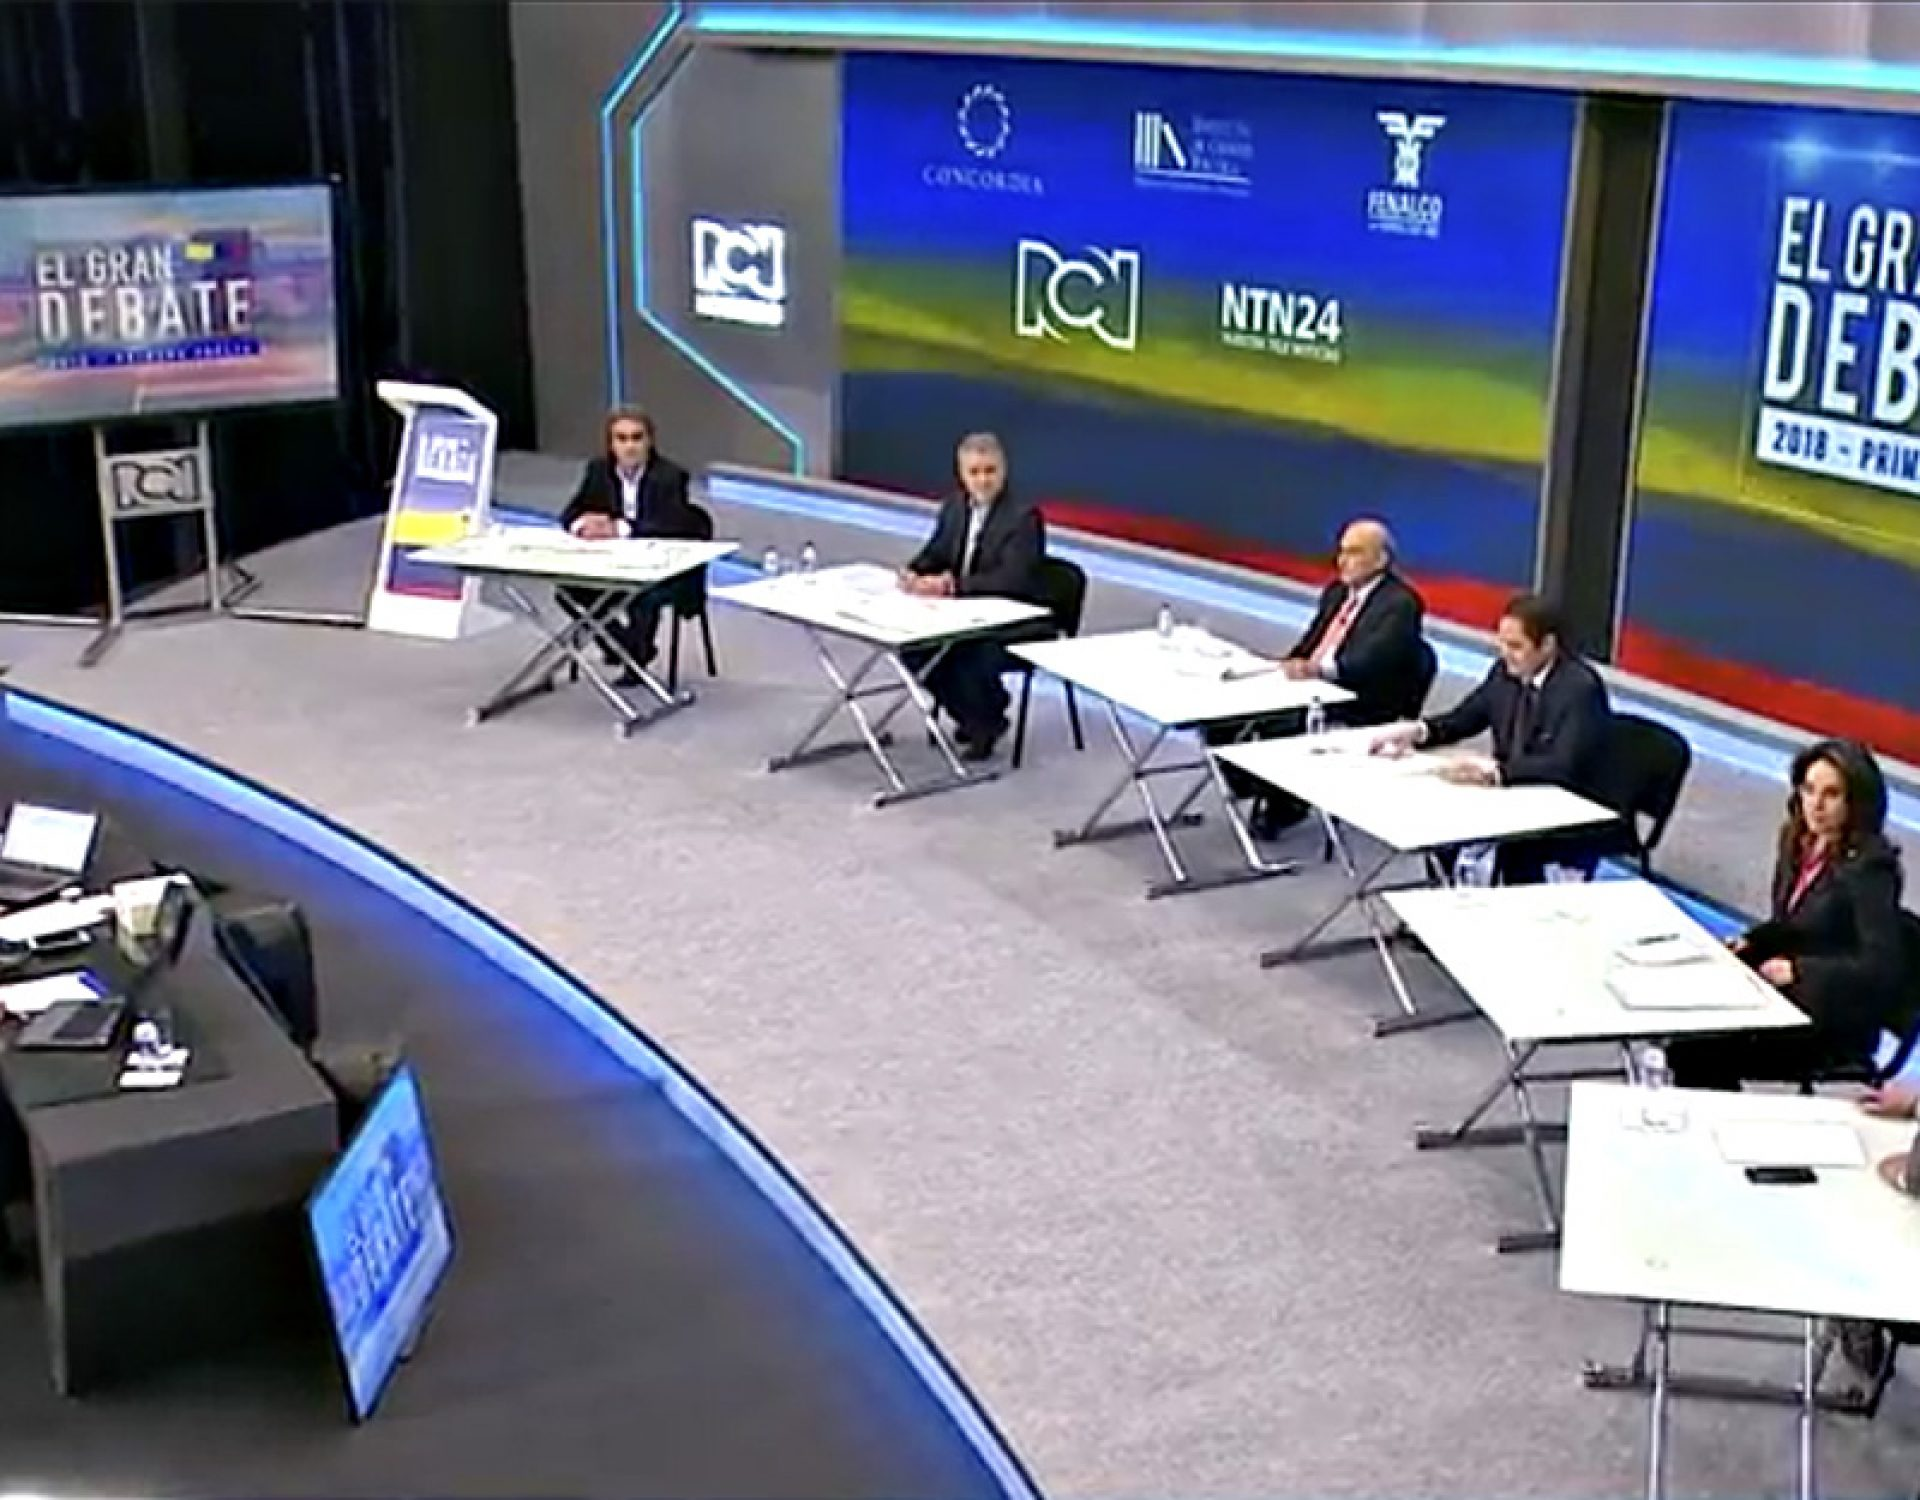 DebateRCN-1920x1500.jpg